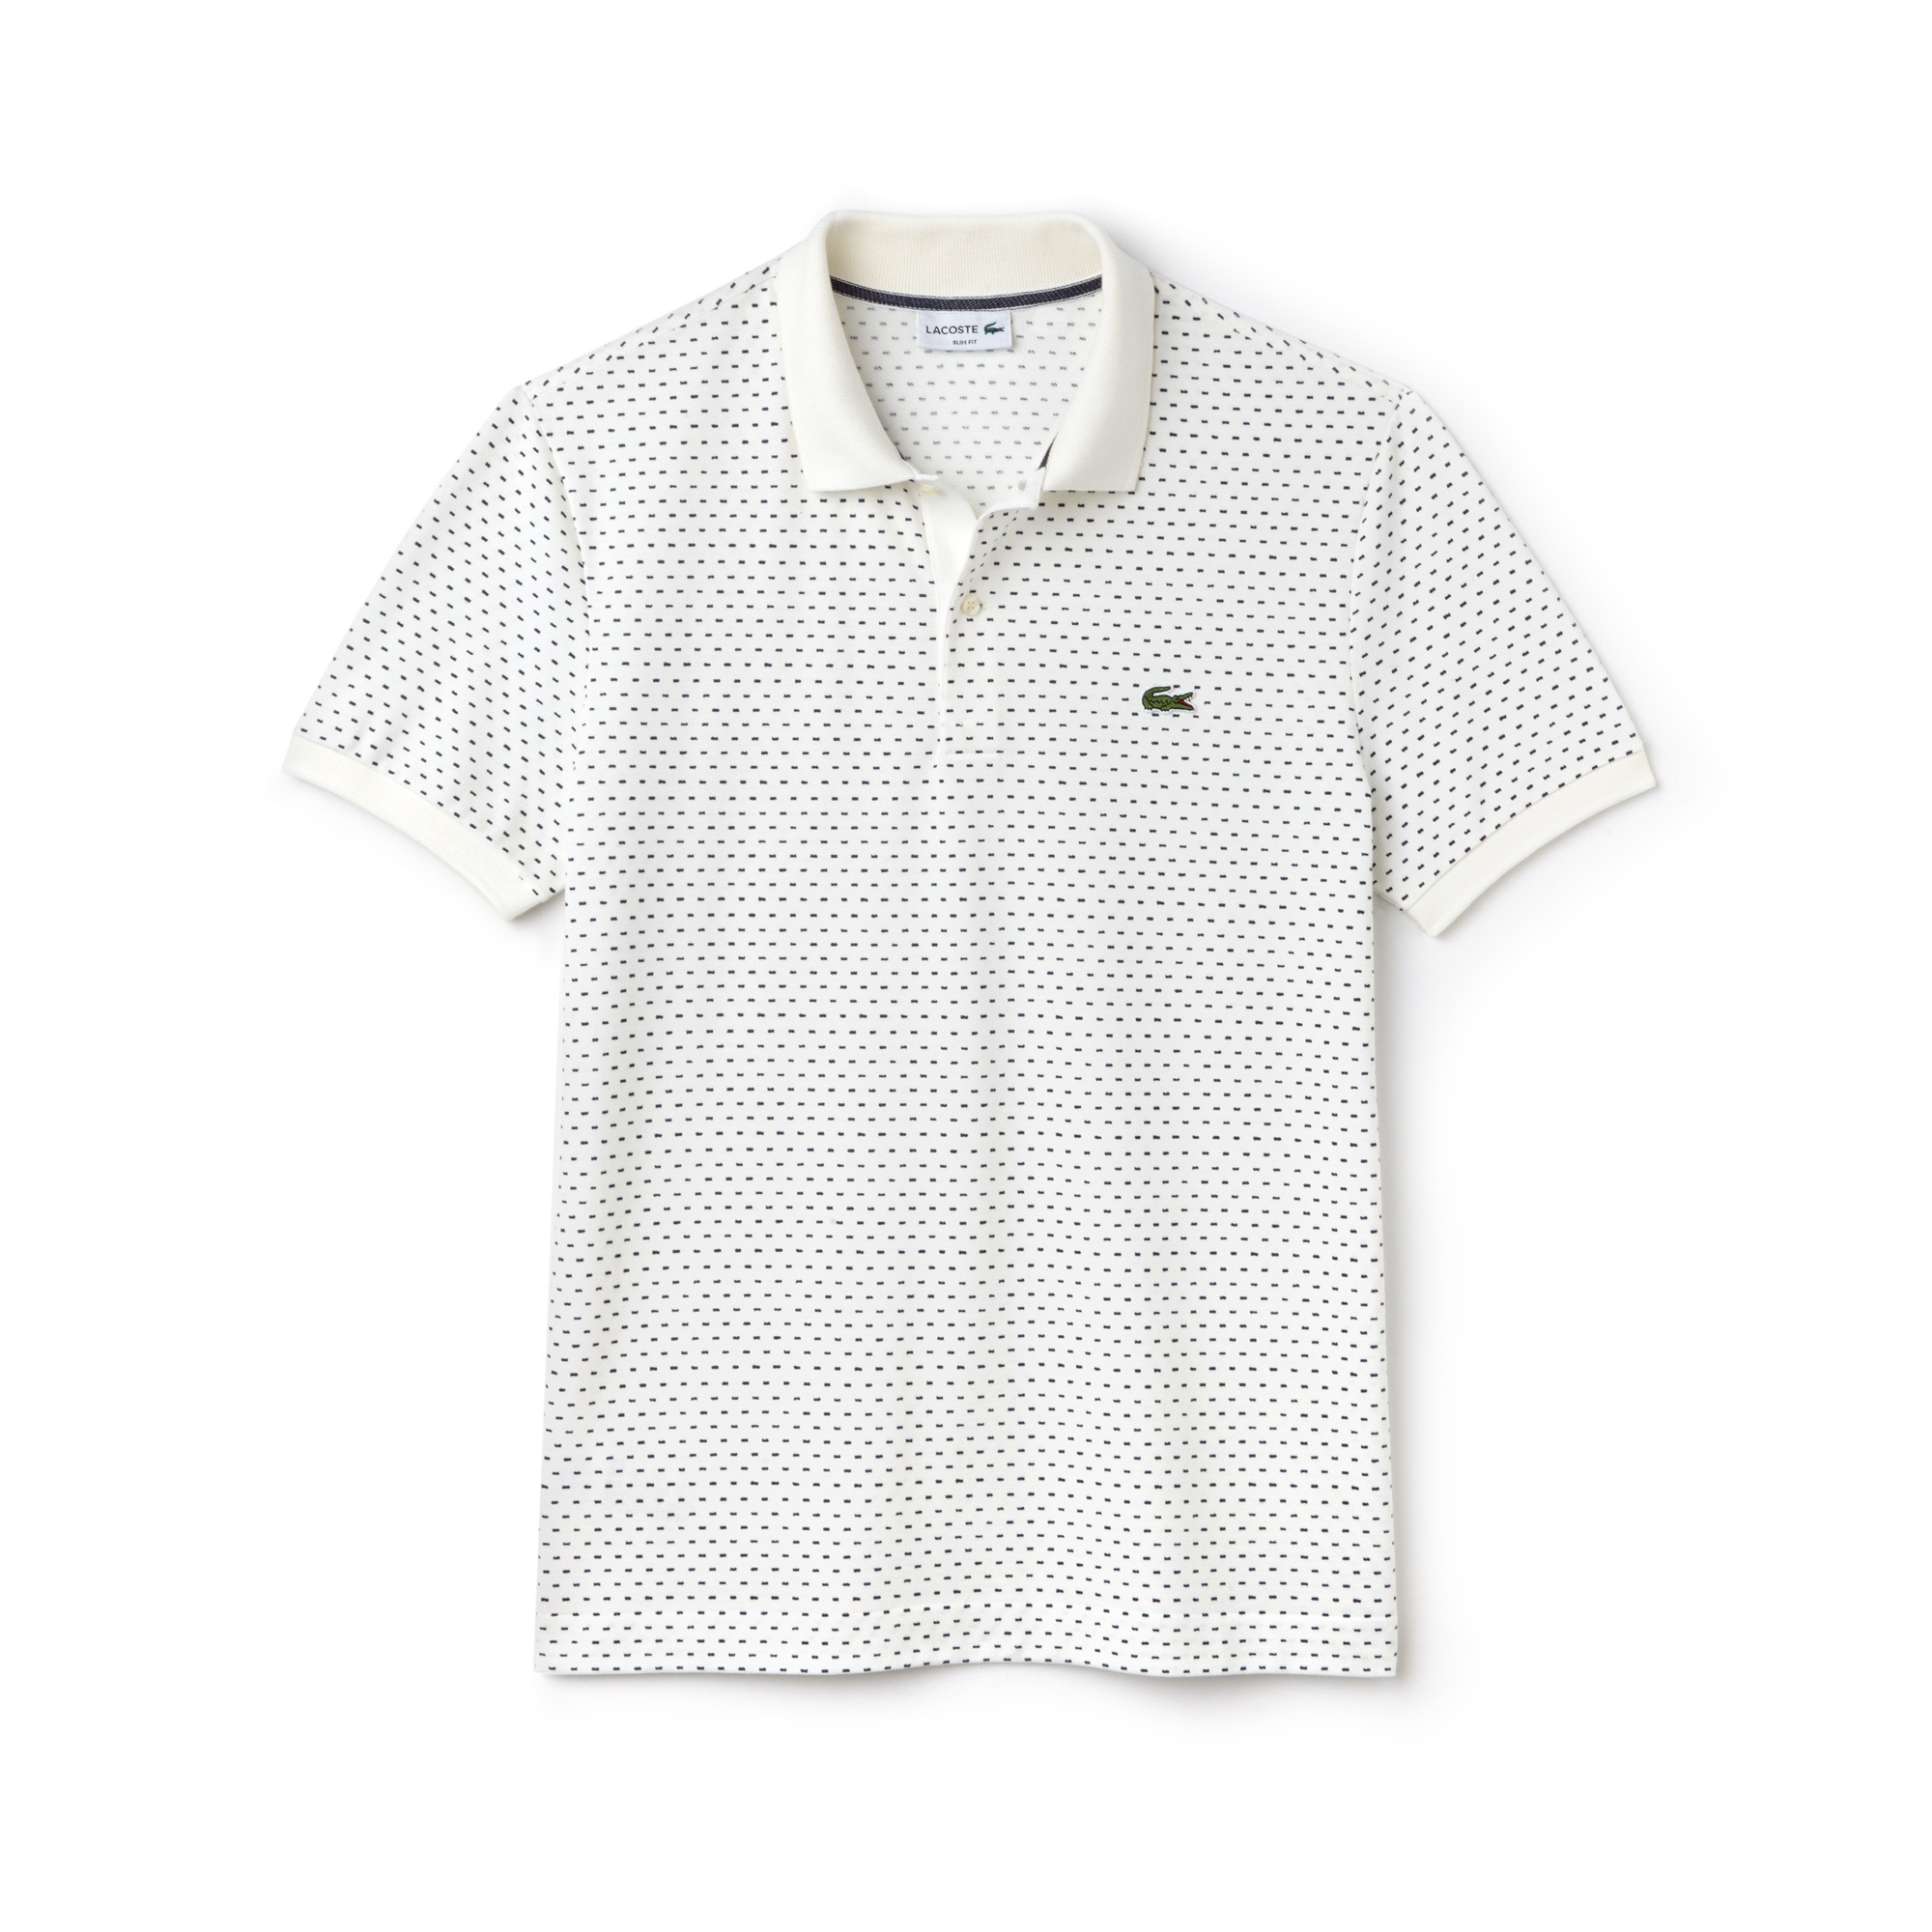 Herren LACOSTE Slim Fit Mini Piqué Poloshirt mit Aufdruck